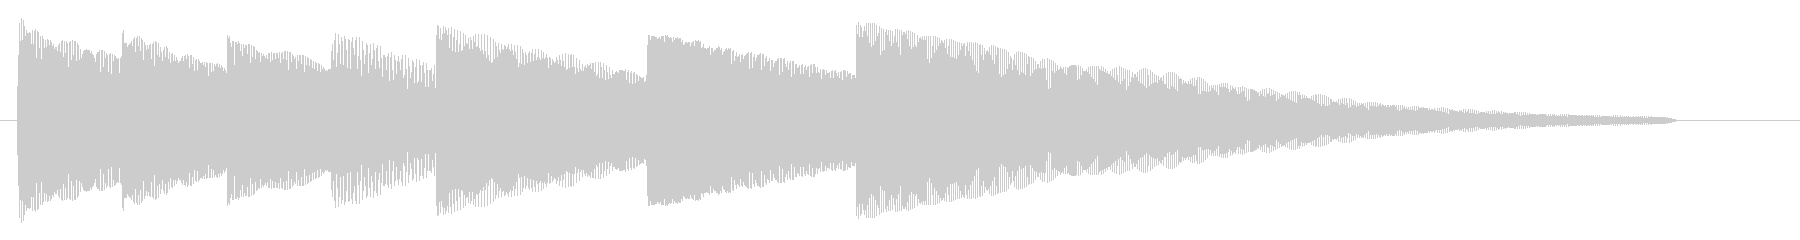 ジングル『おやすみ』01の未再生の波形